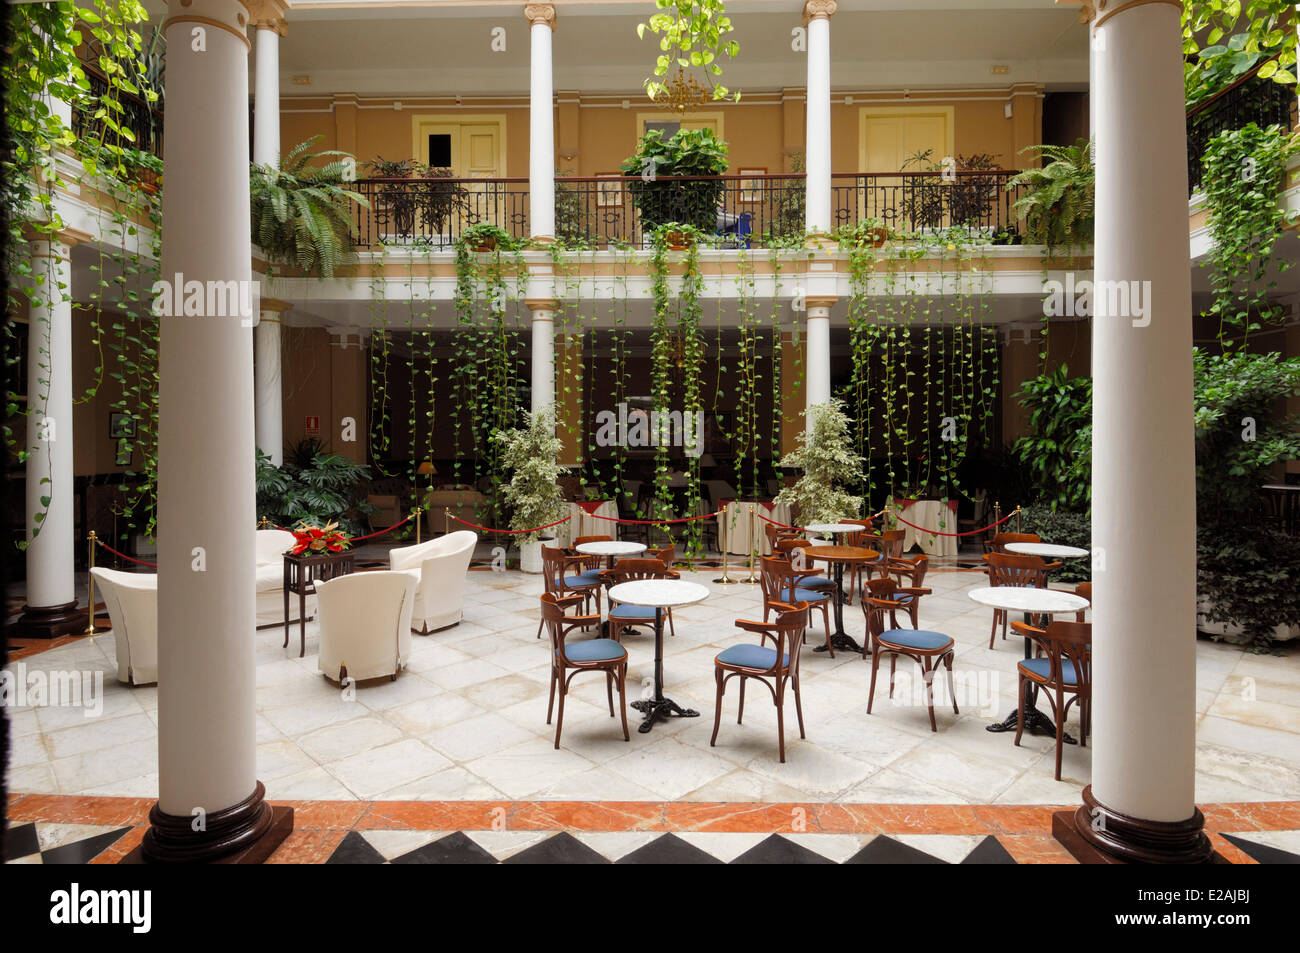 L'Espagne, Iles Canaries, Tenerife, La Laguna, patio et hall de l'hôtel Aguere Photo Stock